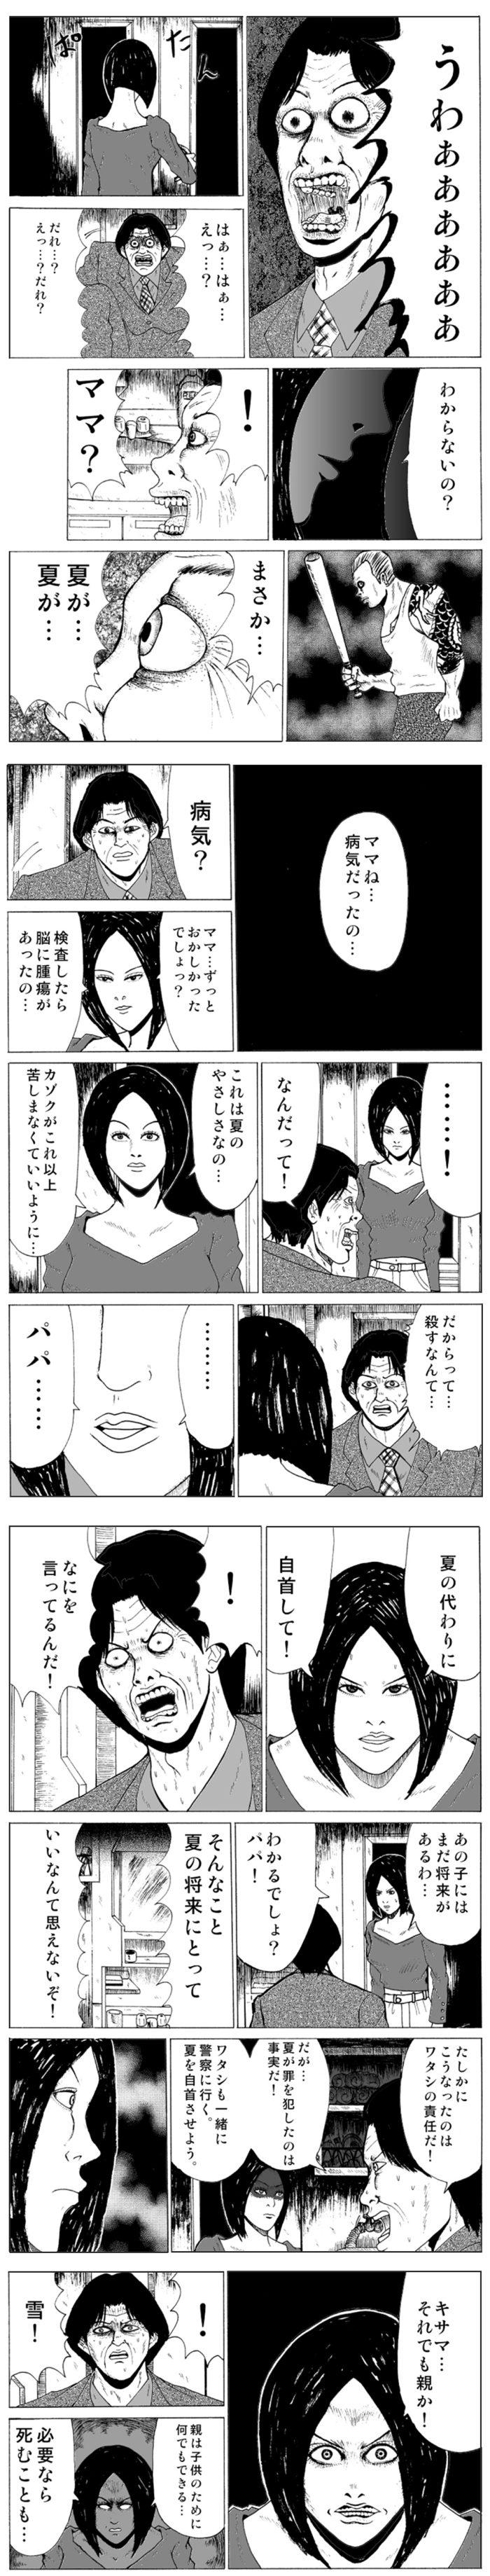 kazoku05